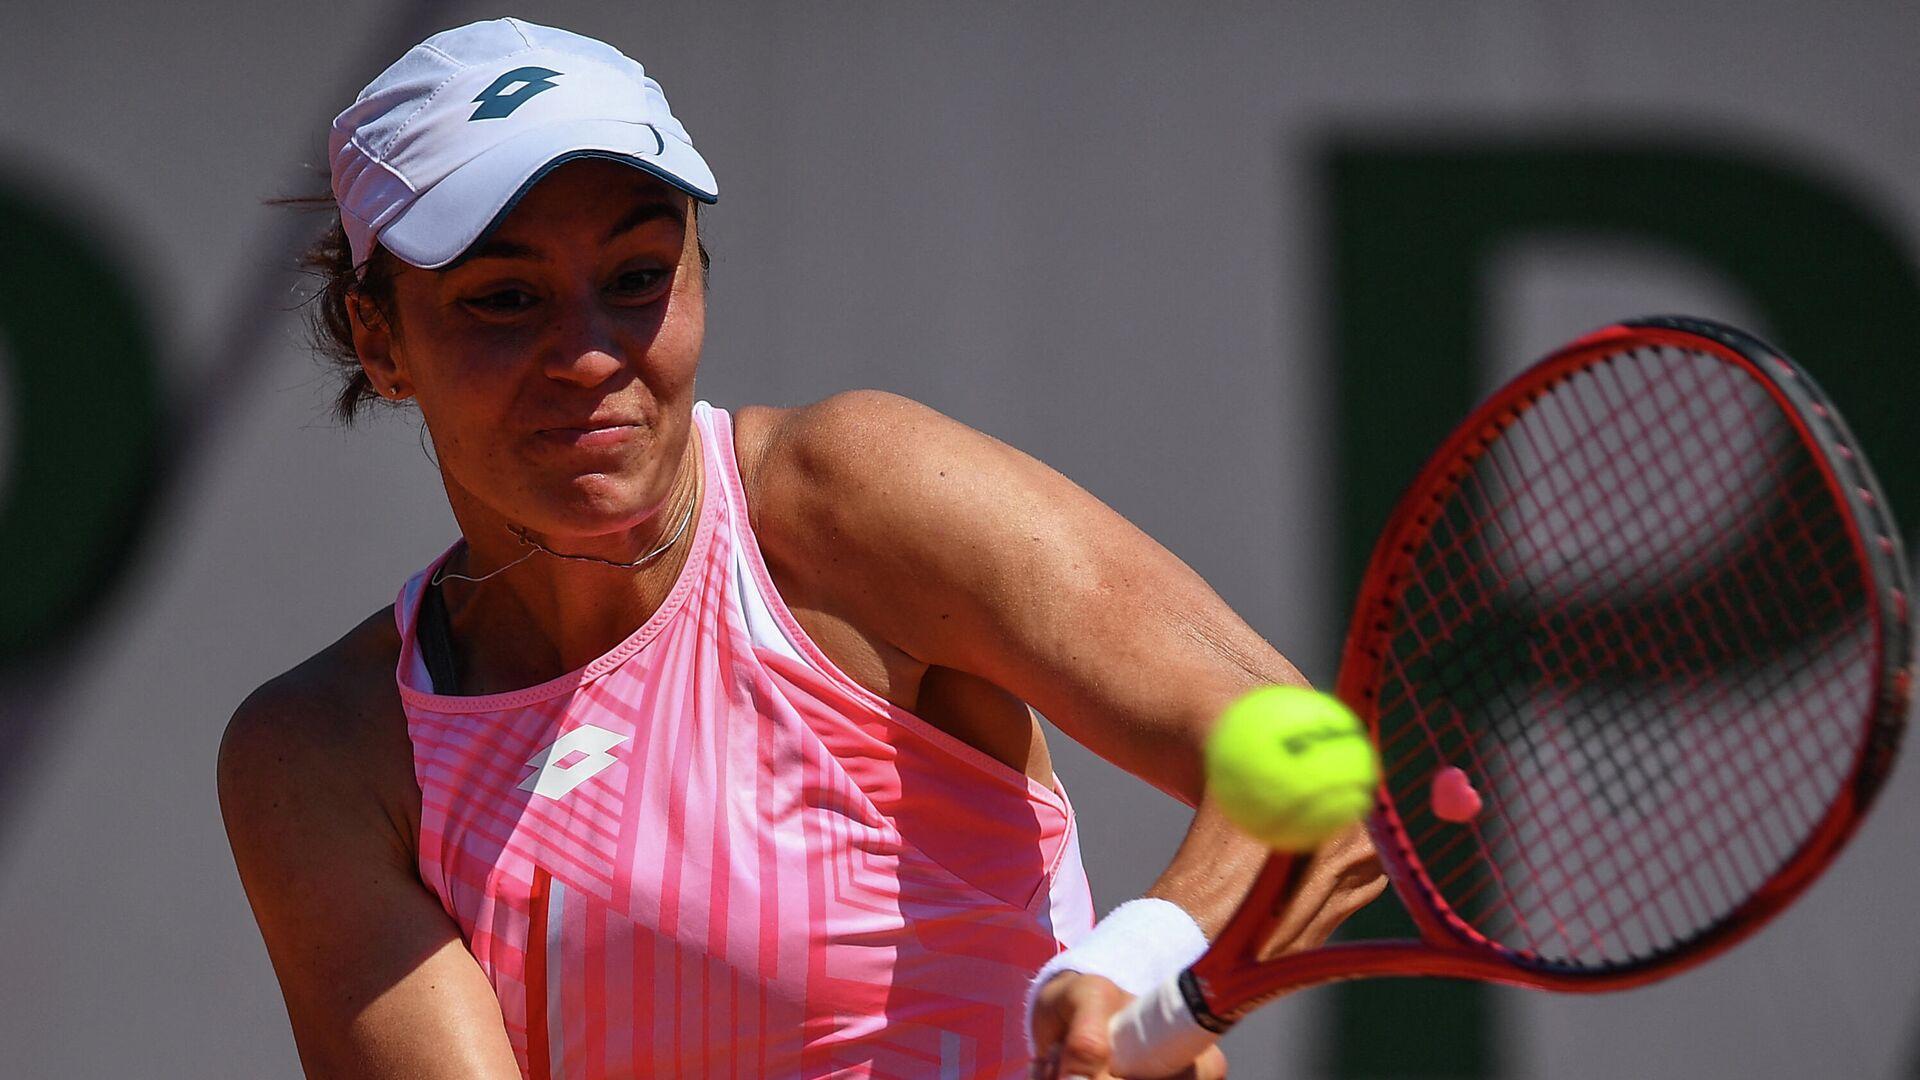 Теннисистка Ангелина Калинина (Украина) - РИА Новости, 1920, 17.07.2021